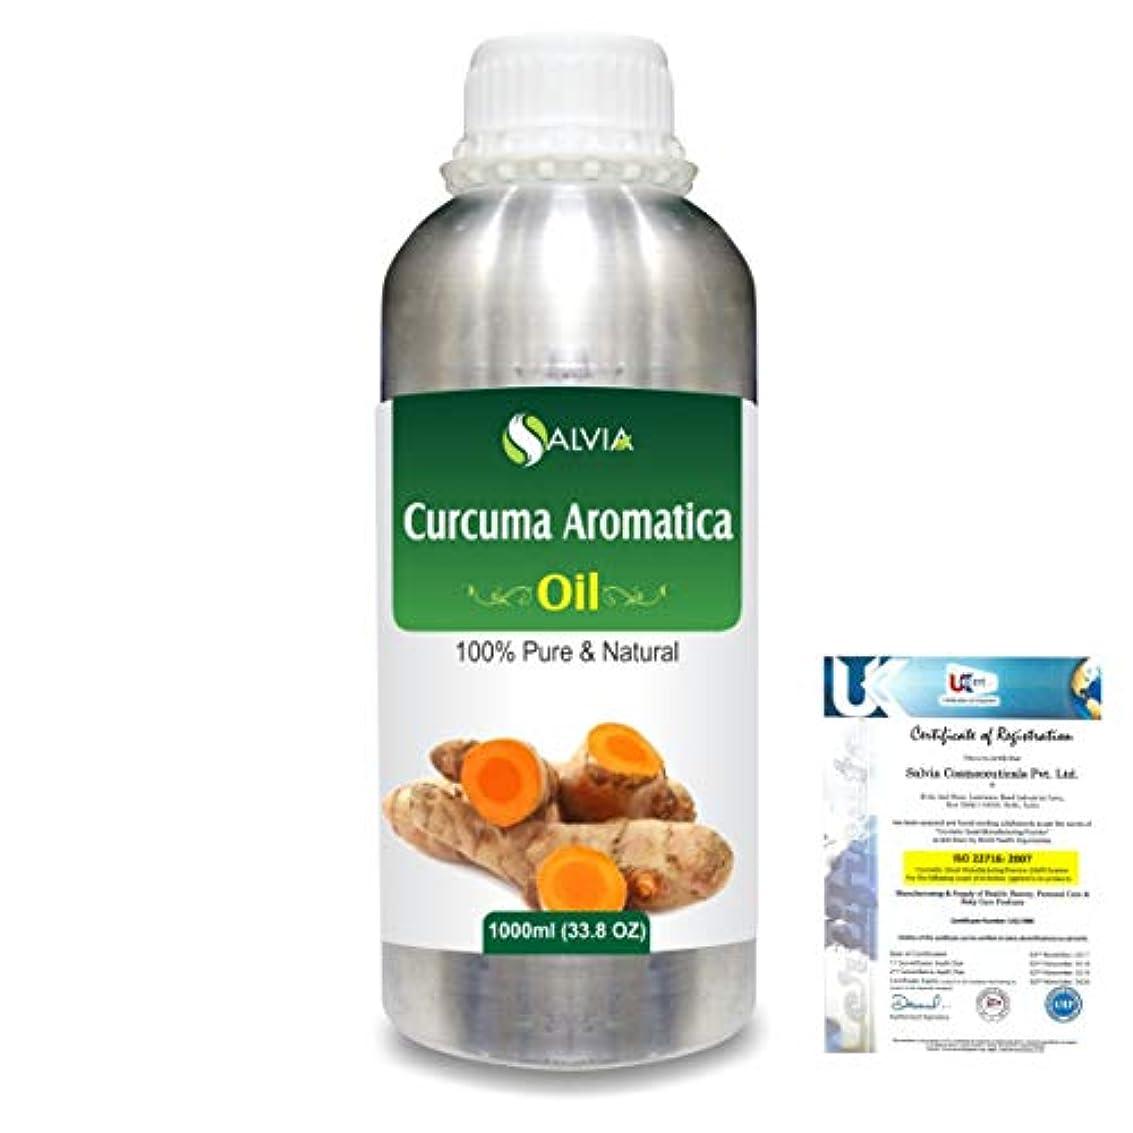 タイトチャンピオンシップ昆虫を見るCurcuma Aromatica (Curcuma aromatica salisb) 100% Natural Pure Essential Oil 1000ml/33.8fl.oz.